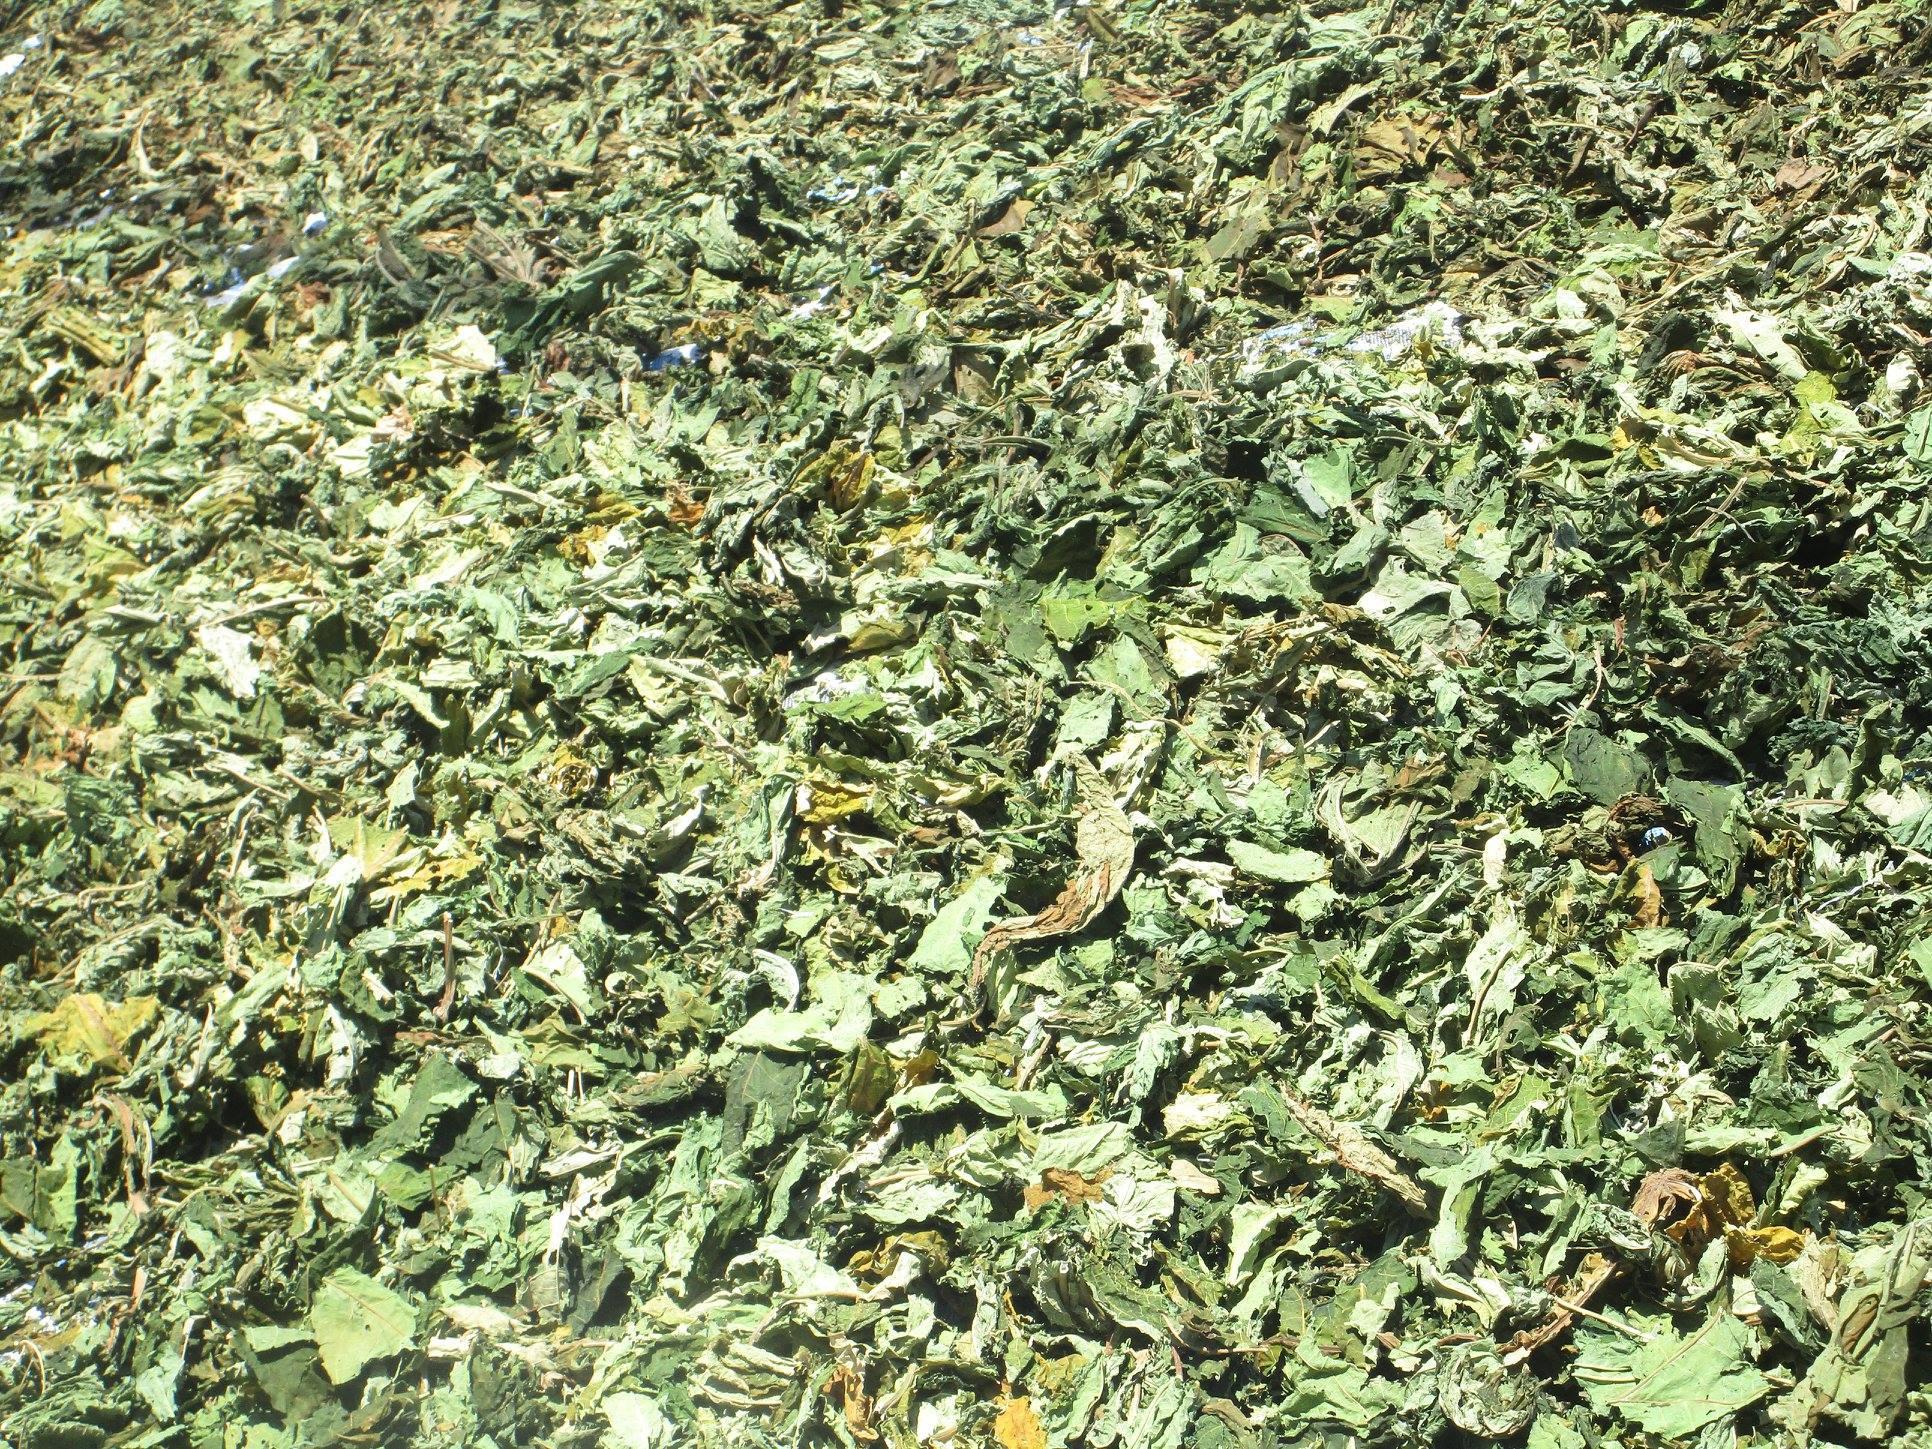 Hoa đu đủ đực: Loại hoa trước đây vứt đi nay được gom bán tiền triệu/kg - Ảnh 6.